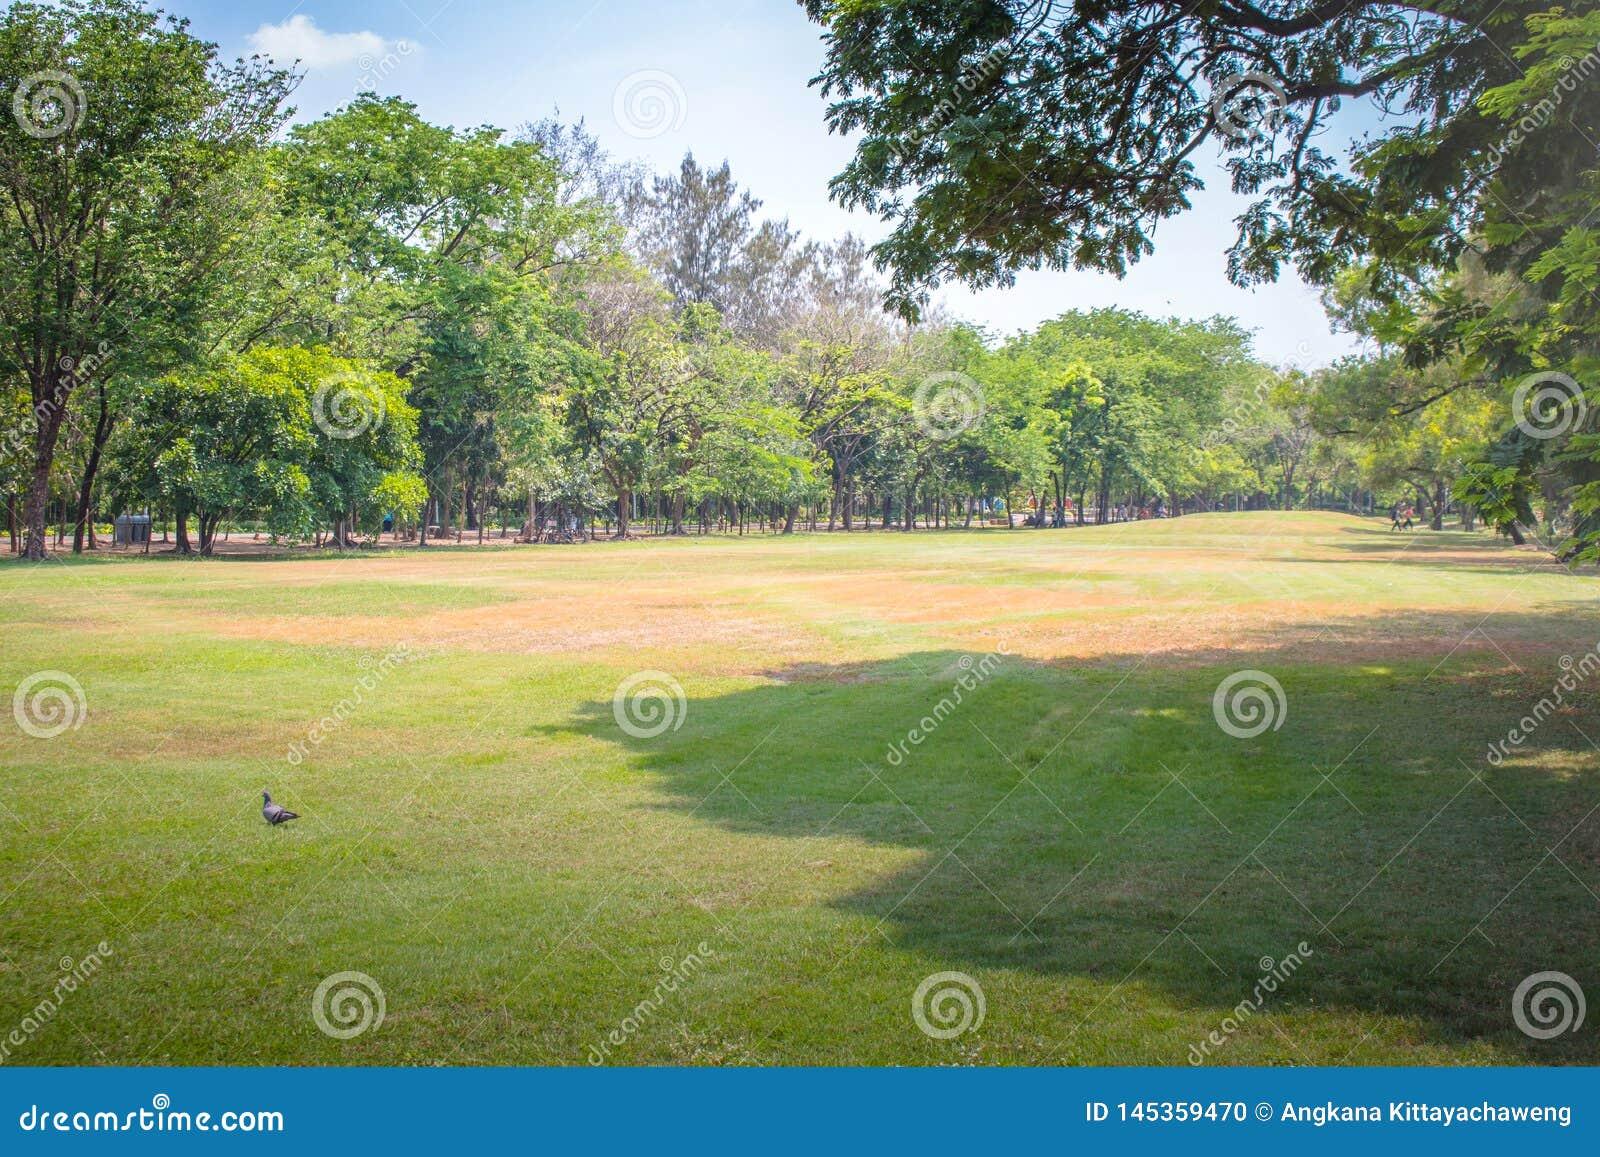 Césped y árboles verdes con el cielo azul en parque público